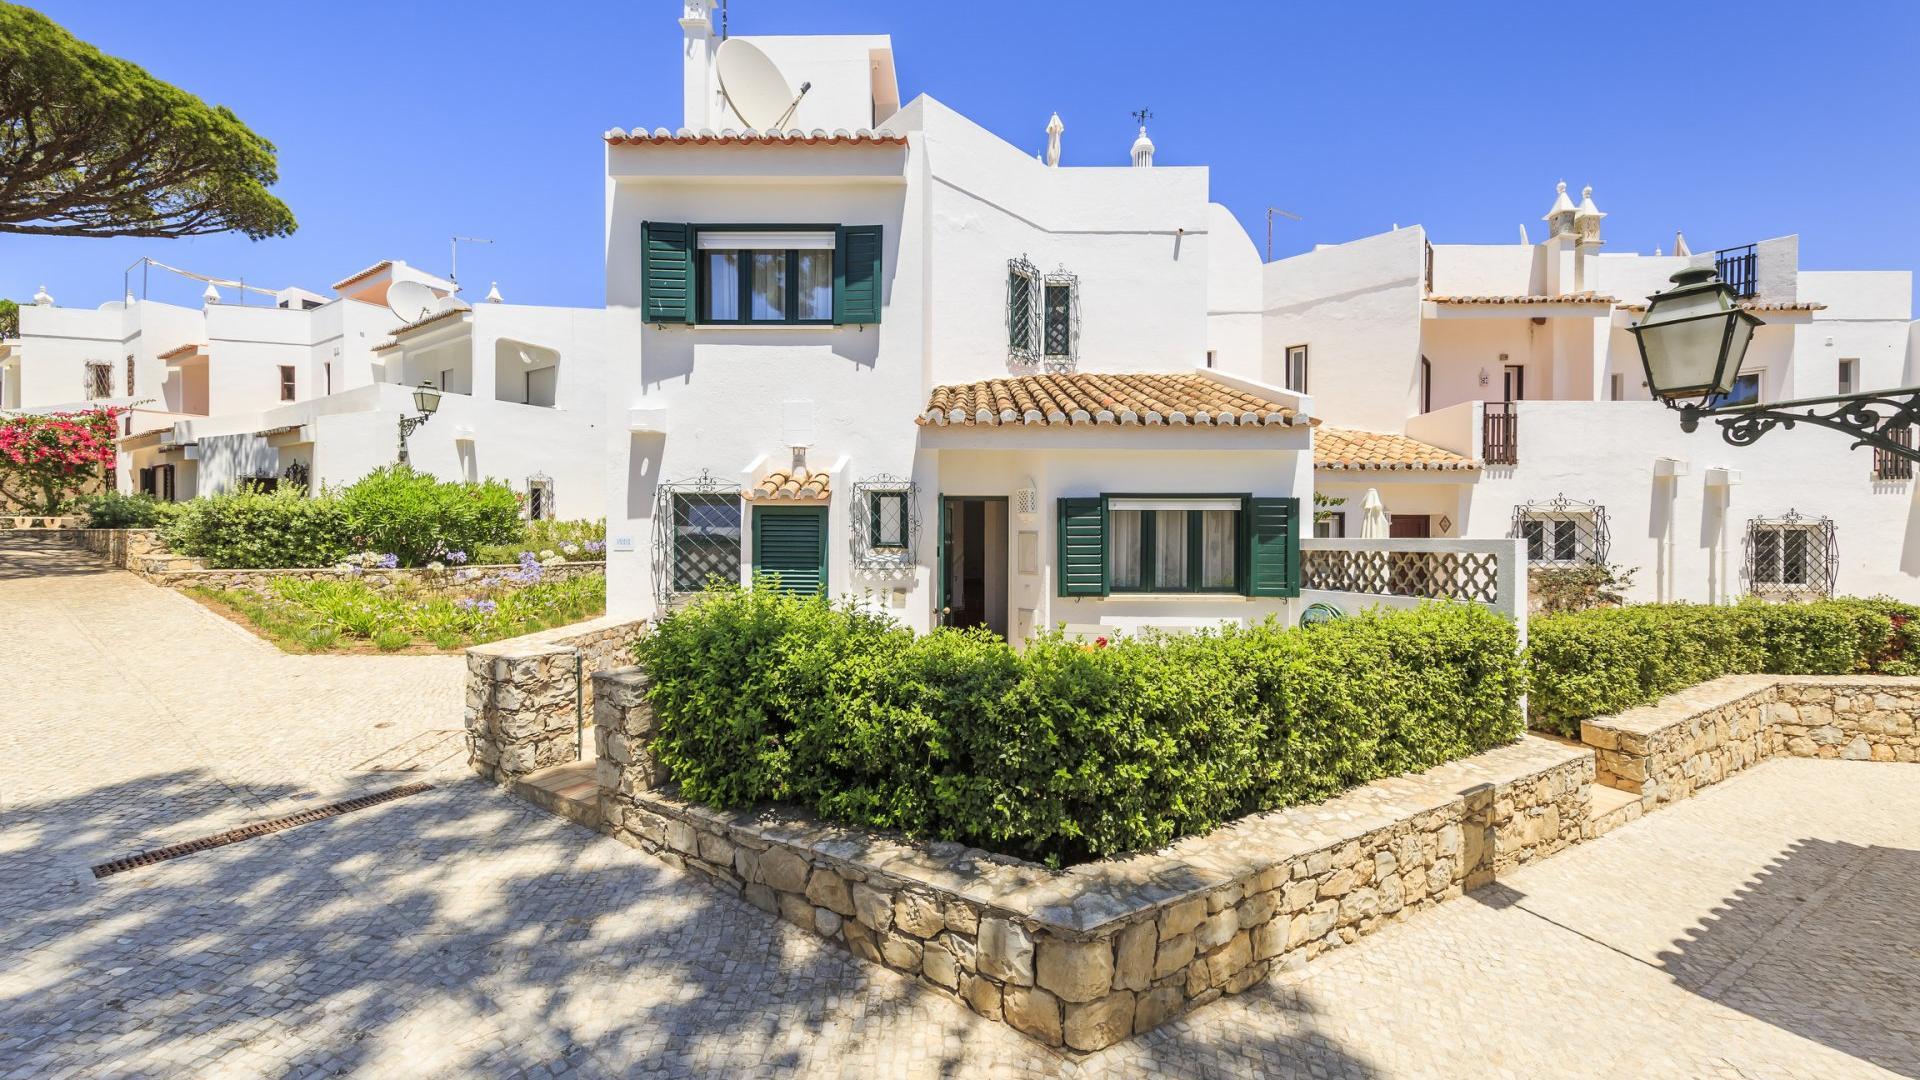 Casa Jamila - Vale do Lobo, Algarve - Casa_Jamila_Exterior_1.jpg